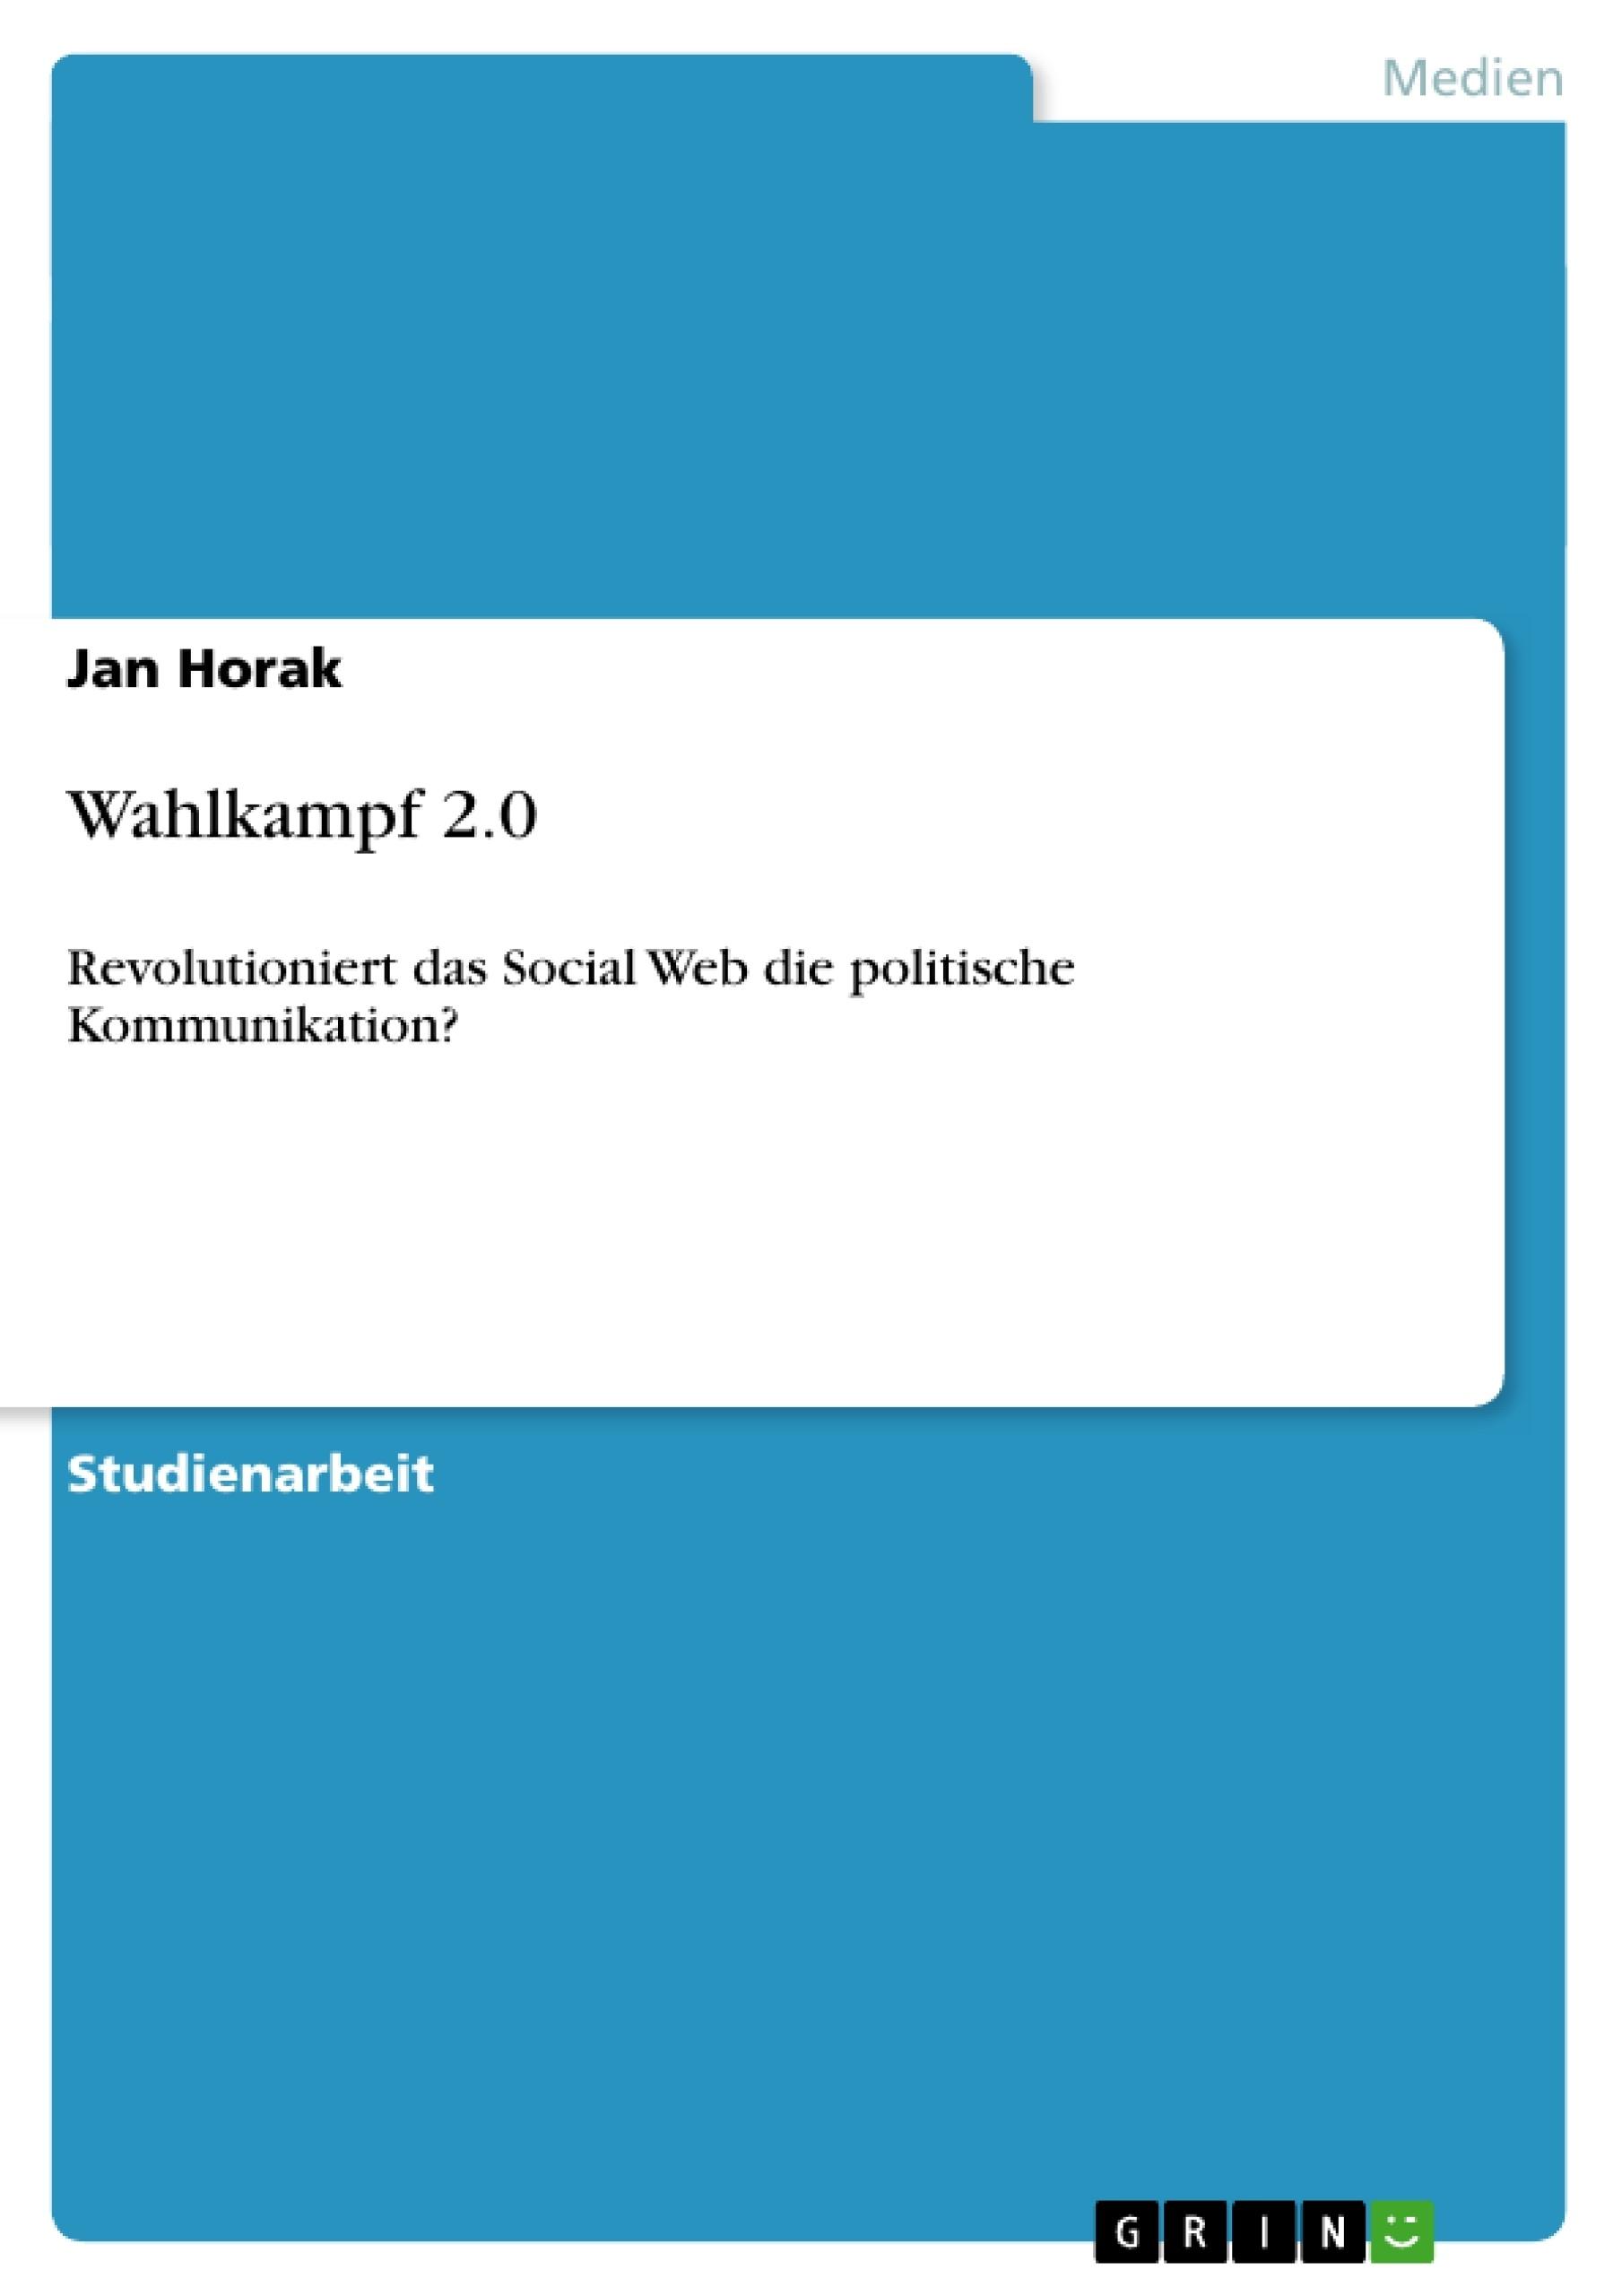 Titel: Wahlkampf 2.0